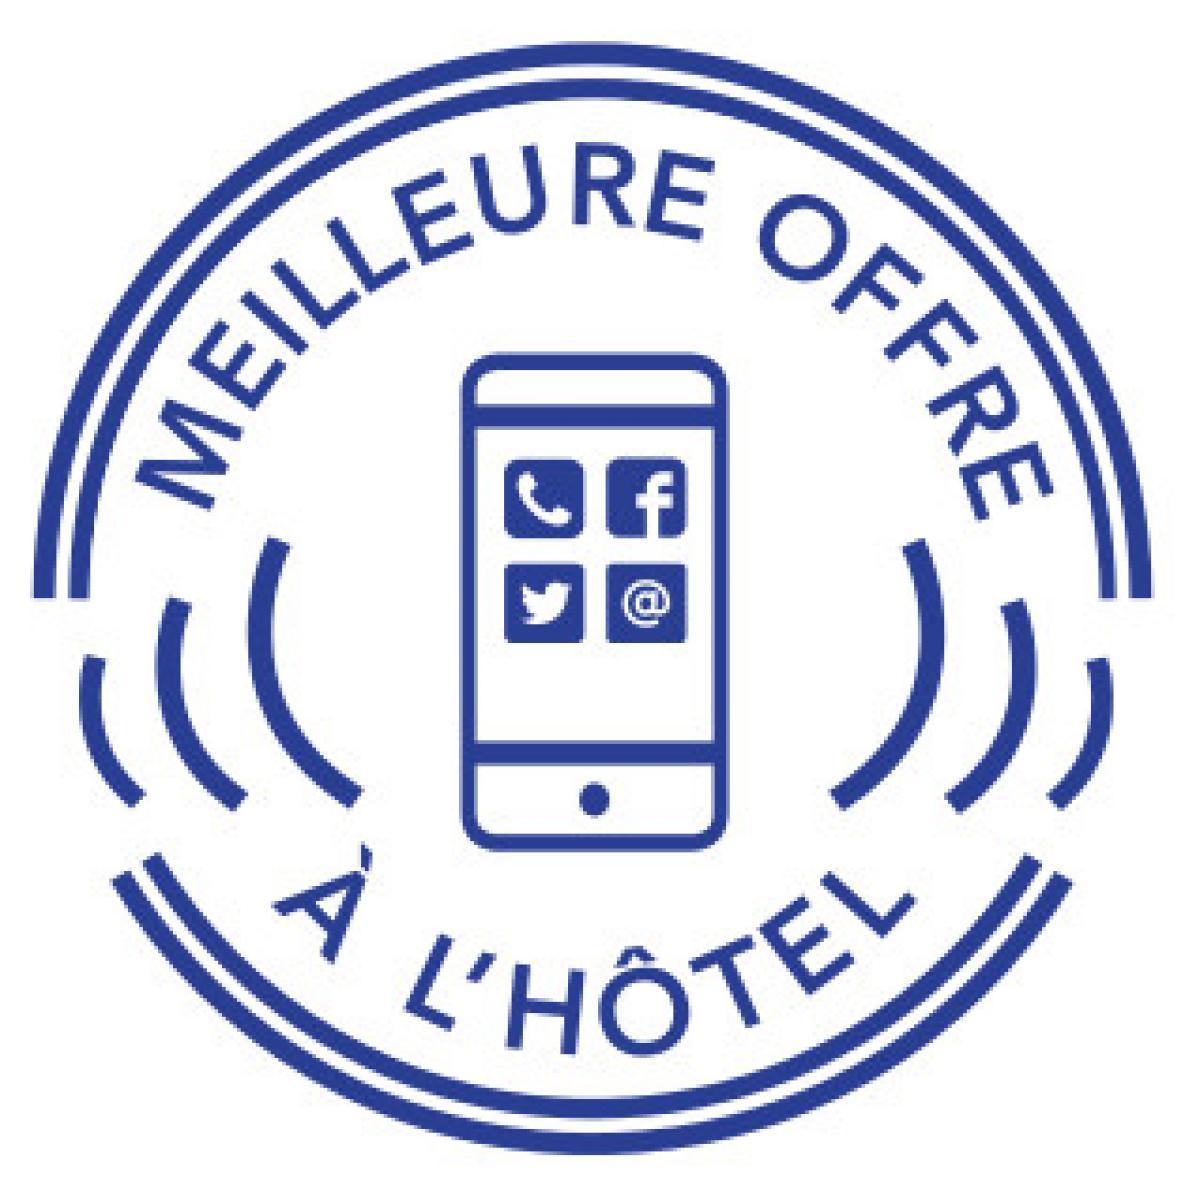 Meilleure offre à l'hôtel